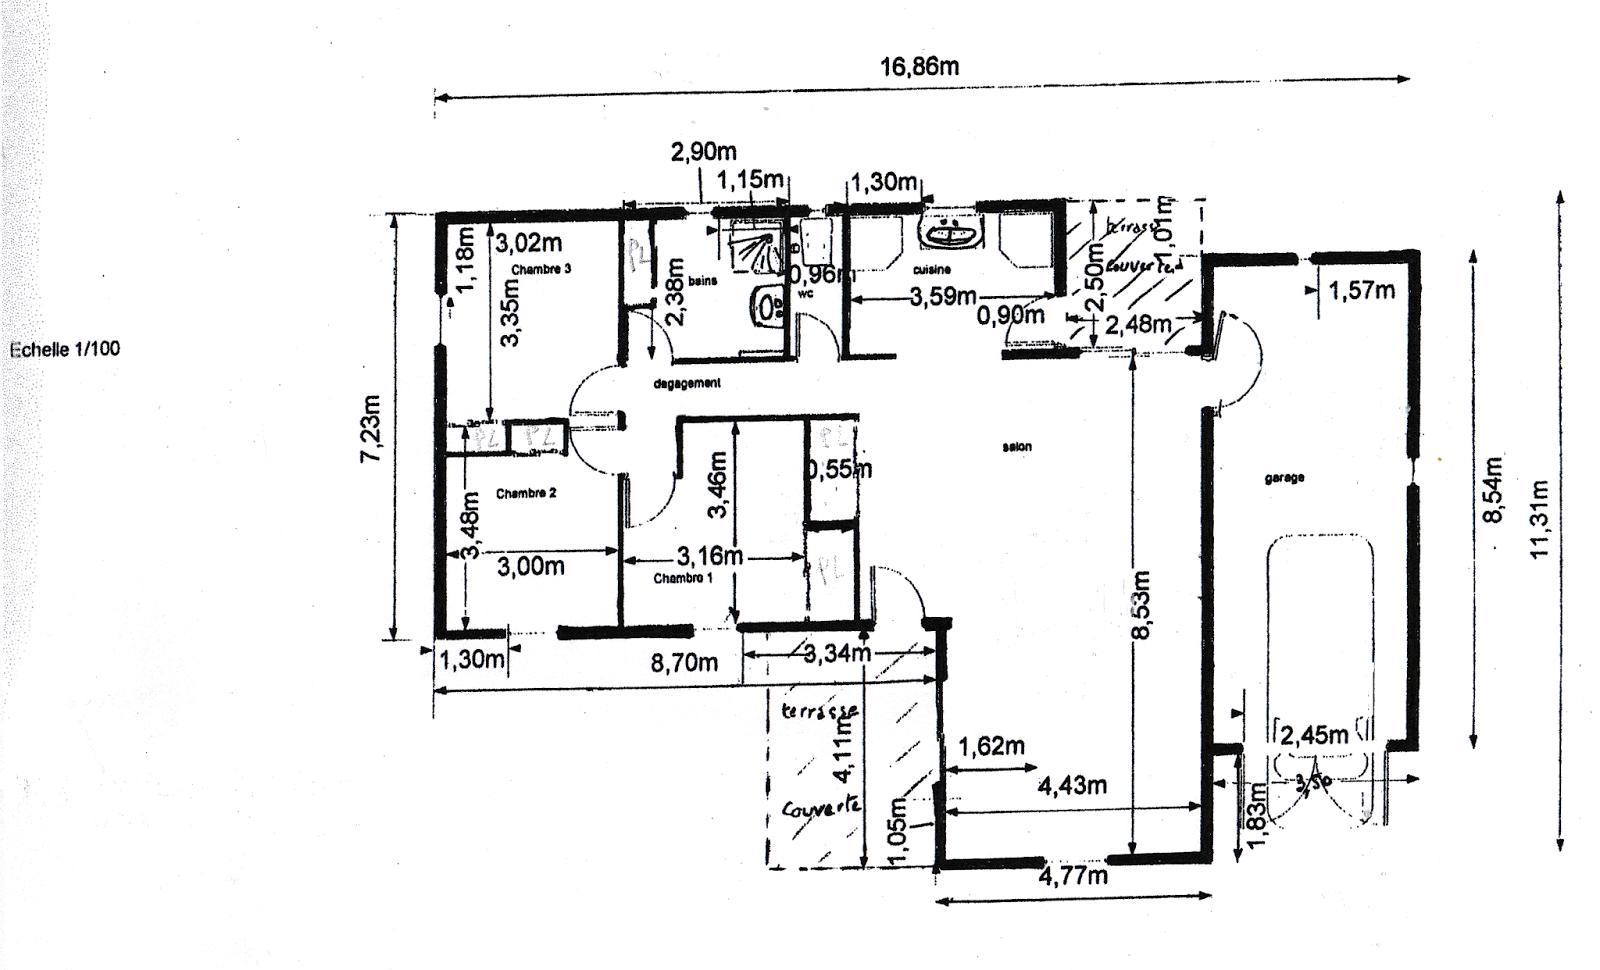 Vendu villa a peipin sisteron sud 04200 plan maison de for Plan maison sud est